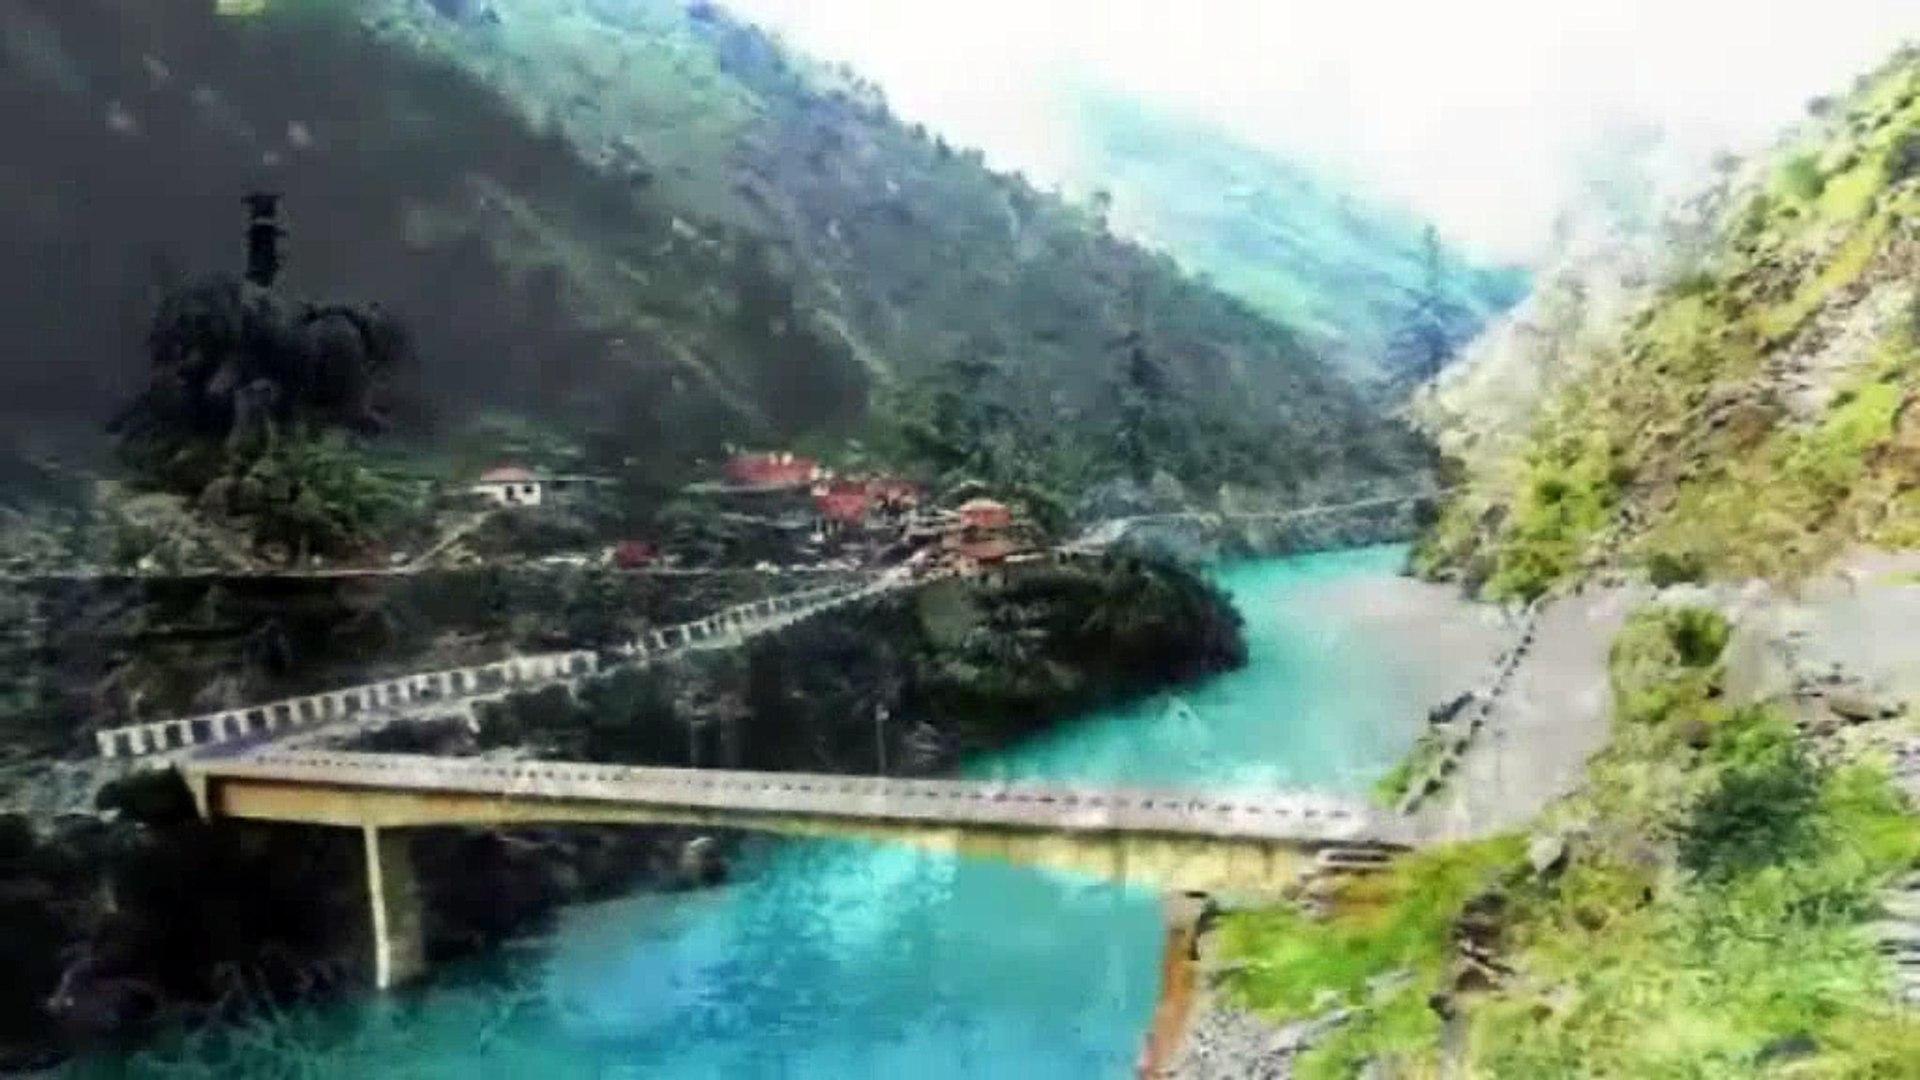 Resort townManali , Himachal Pradesh.